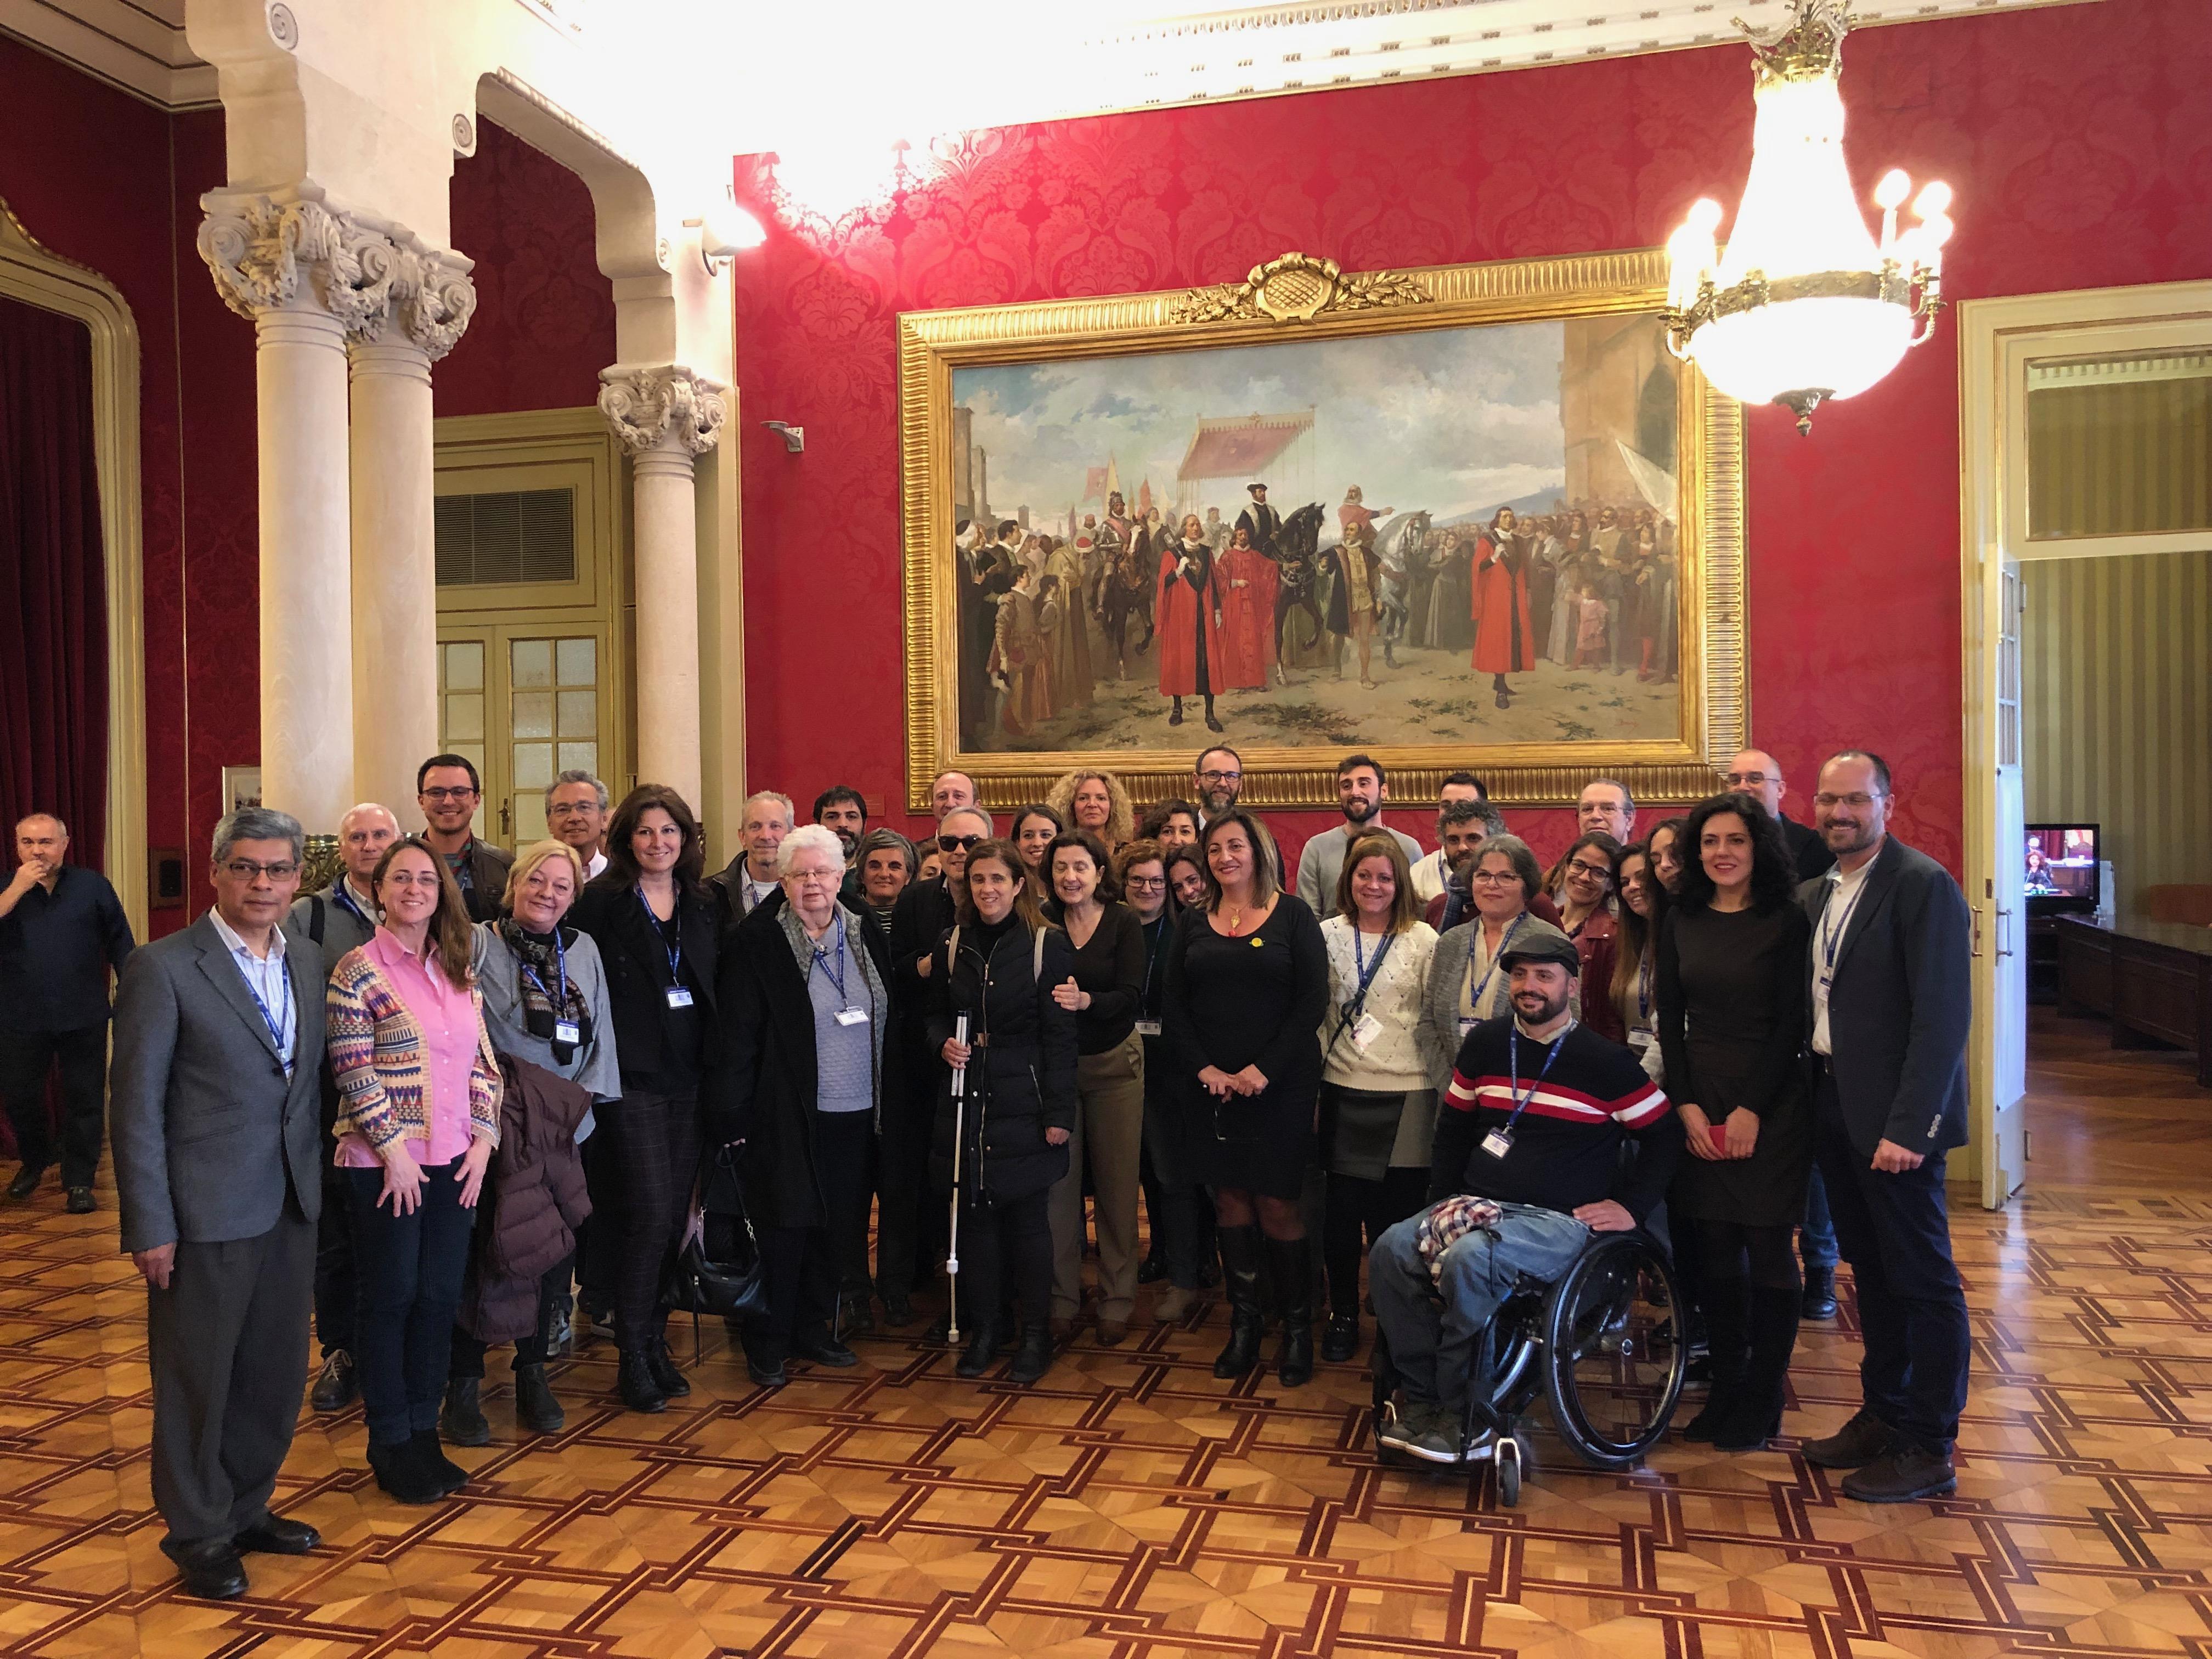 Se publica la nueva Ley de Voluntariado de las Islas Baleares